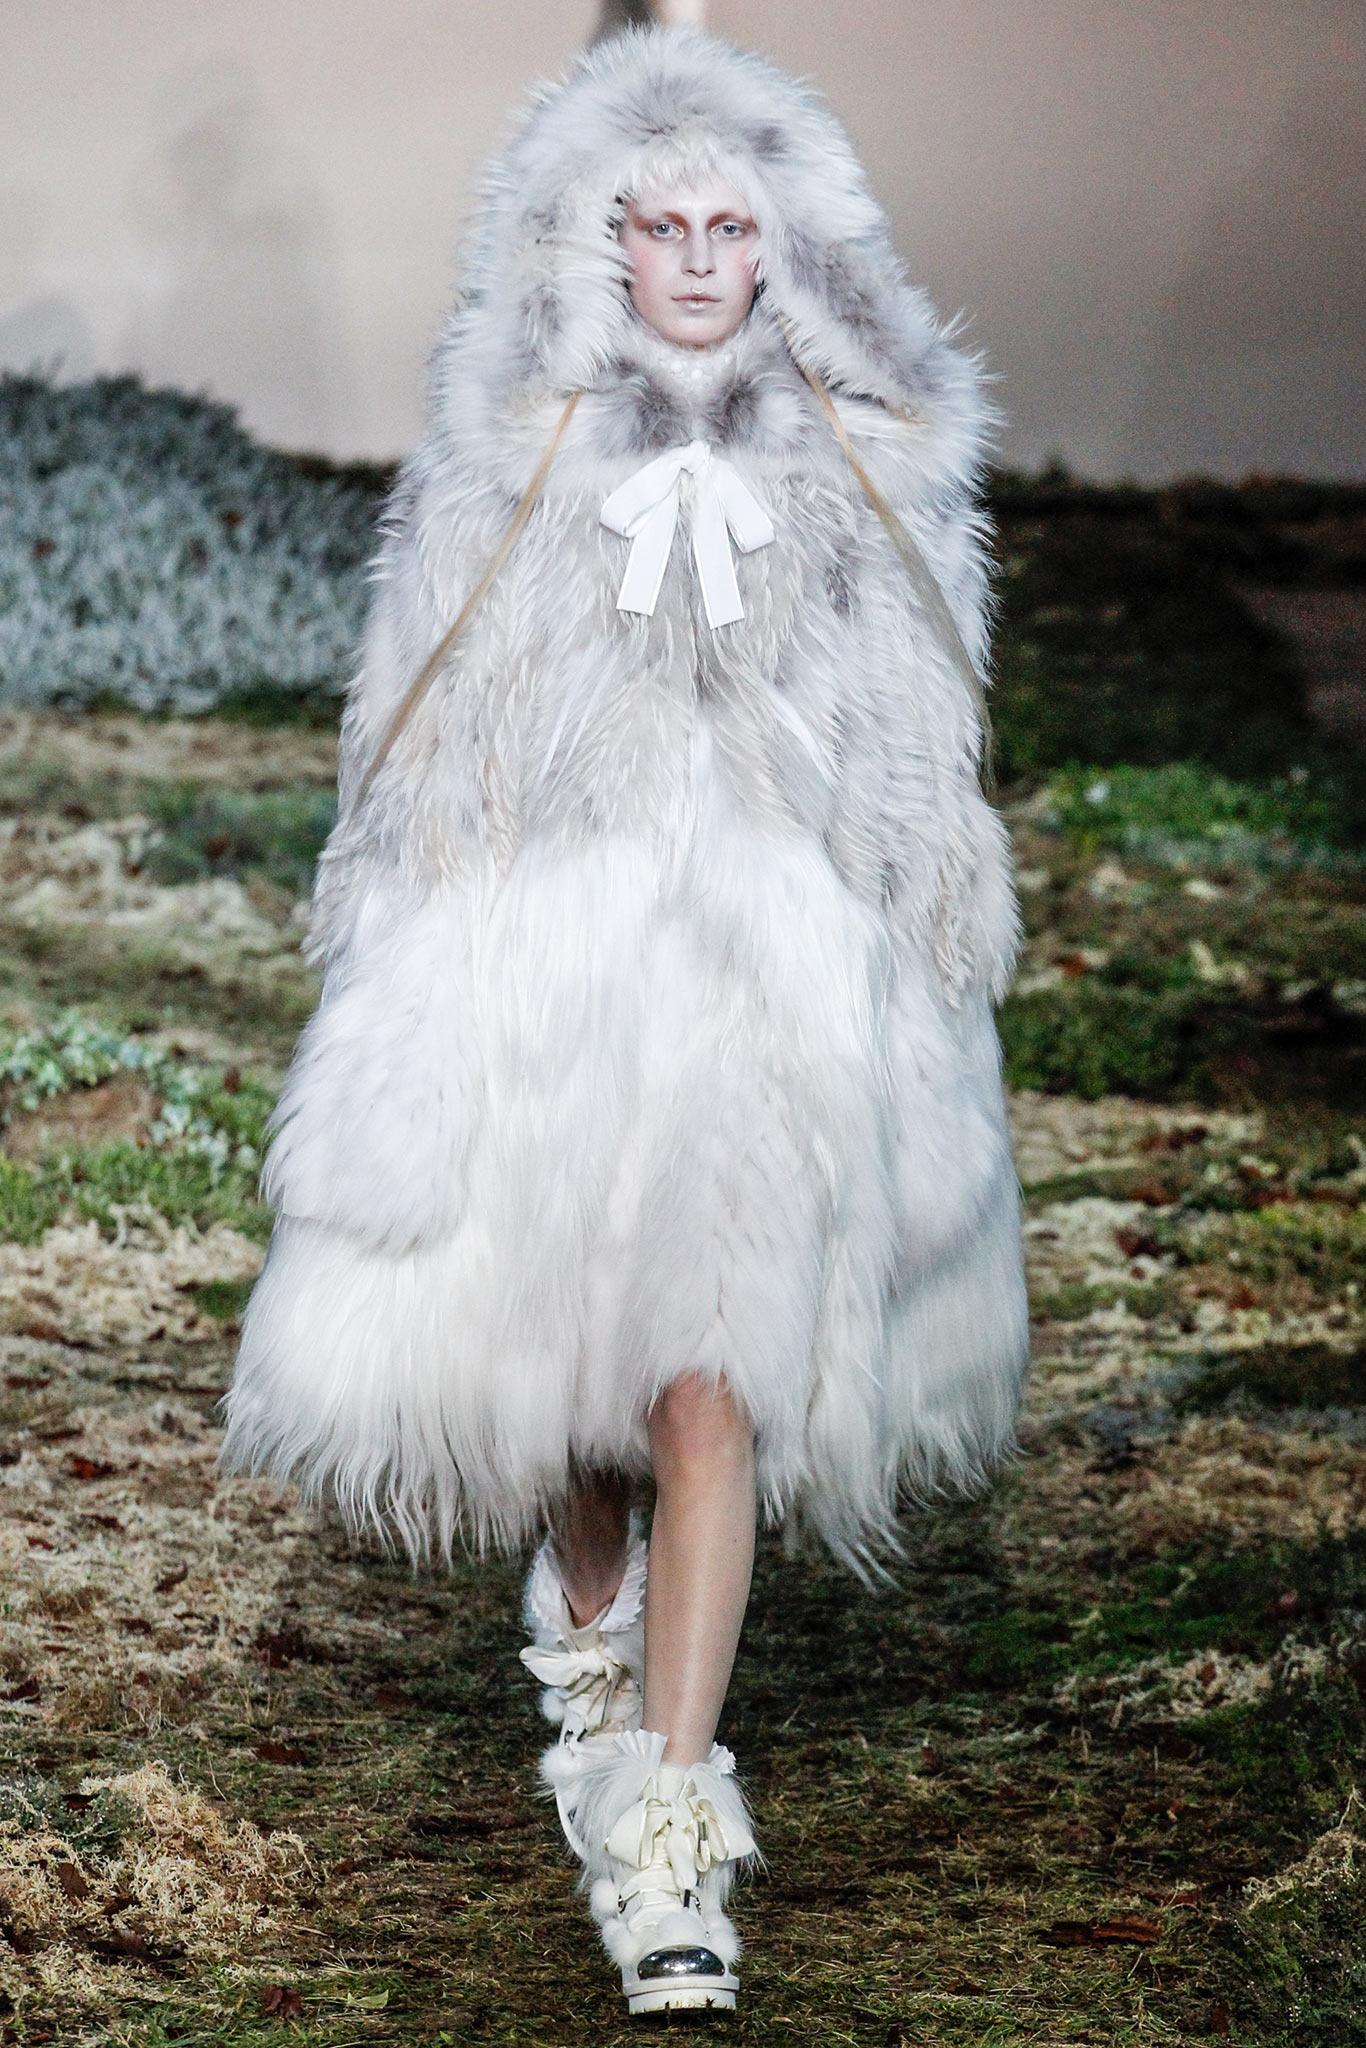 Alexander McQueen Fall 2014 - Winter 2015